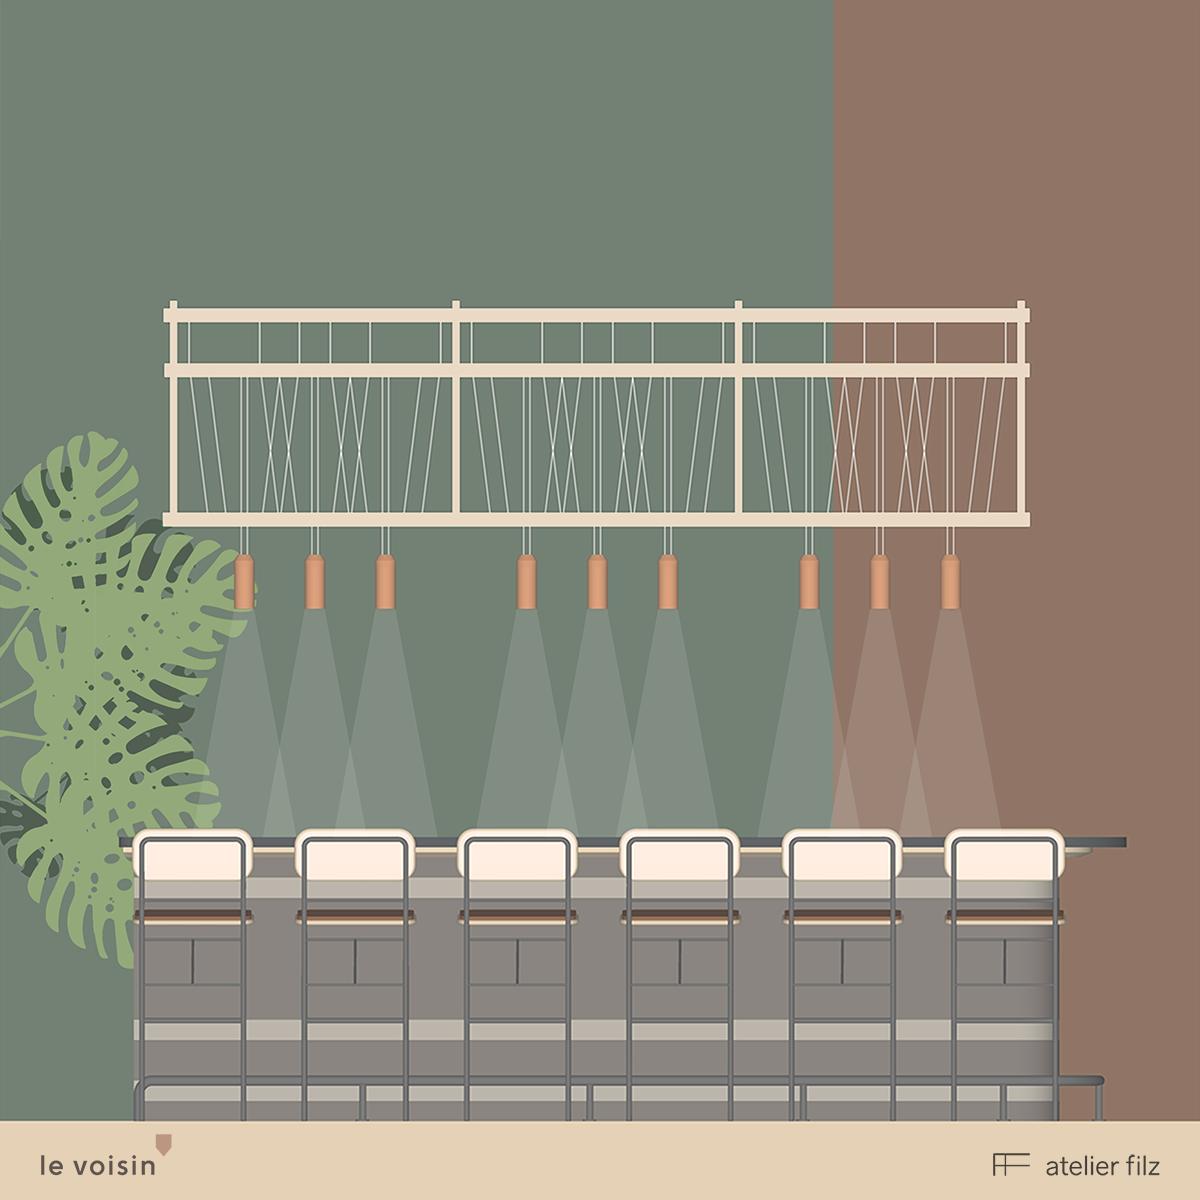 Illustrations créées par Atelier Filz pour dévoiler le projet avant son ouverture.